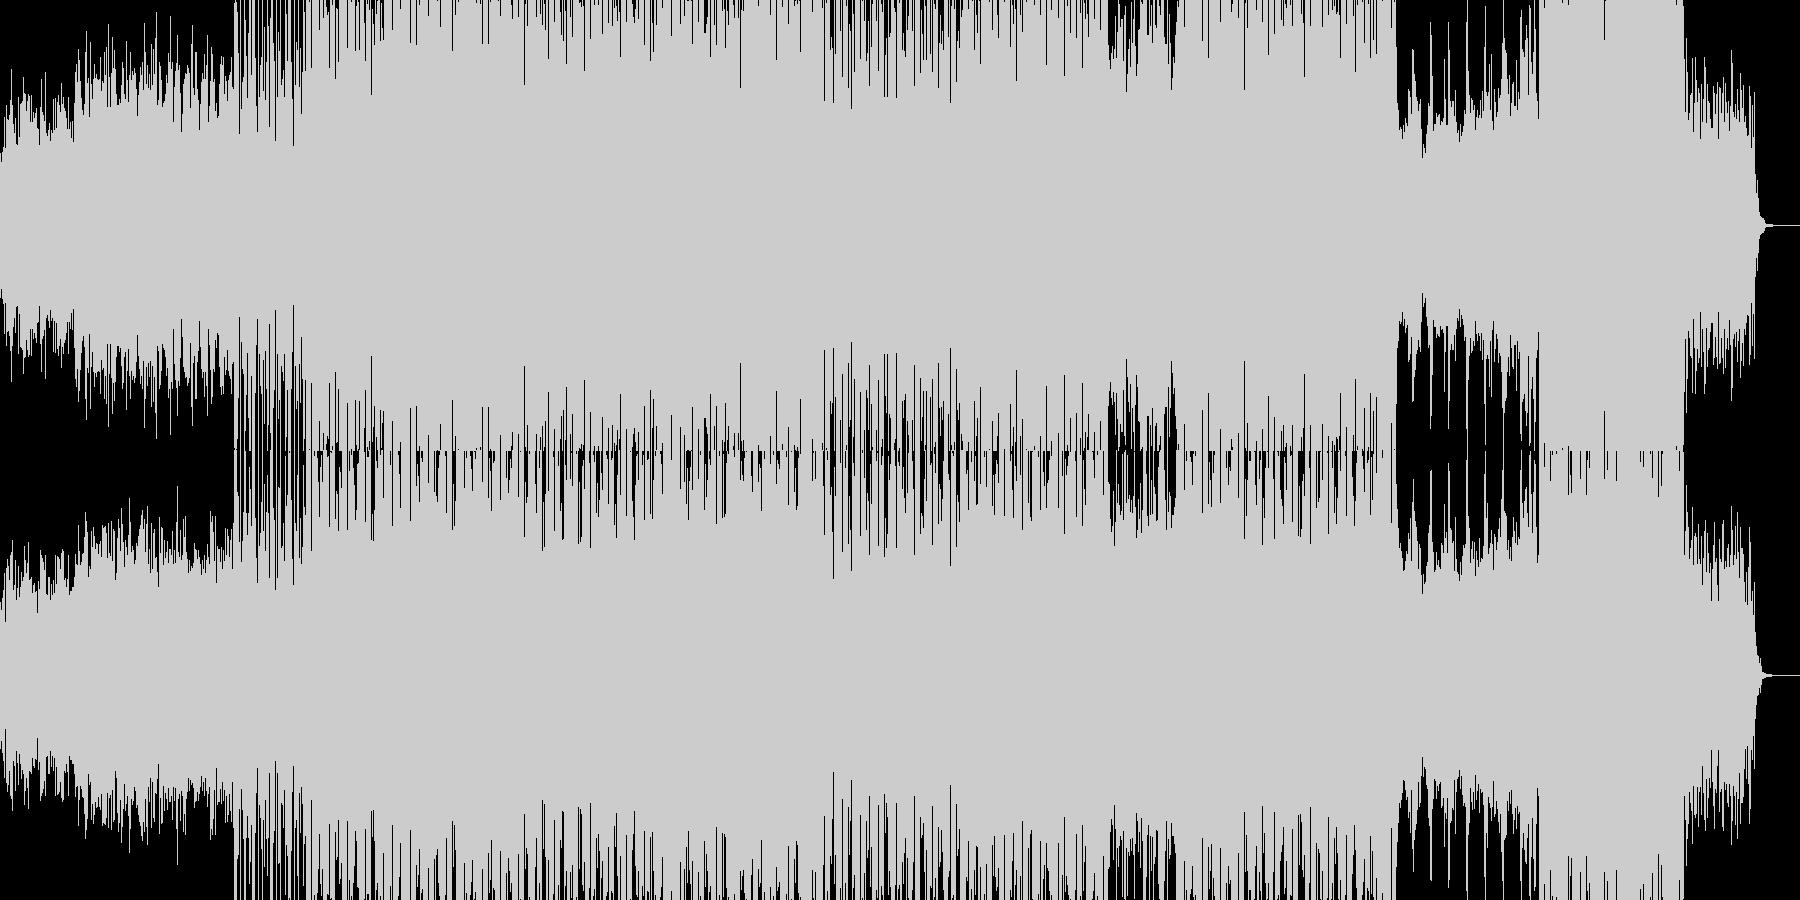 幻想的な雰囲気のRPGのサントラ風音楽の未再生の波形